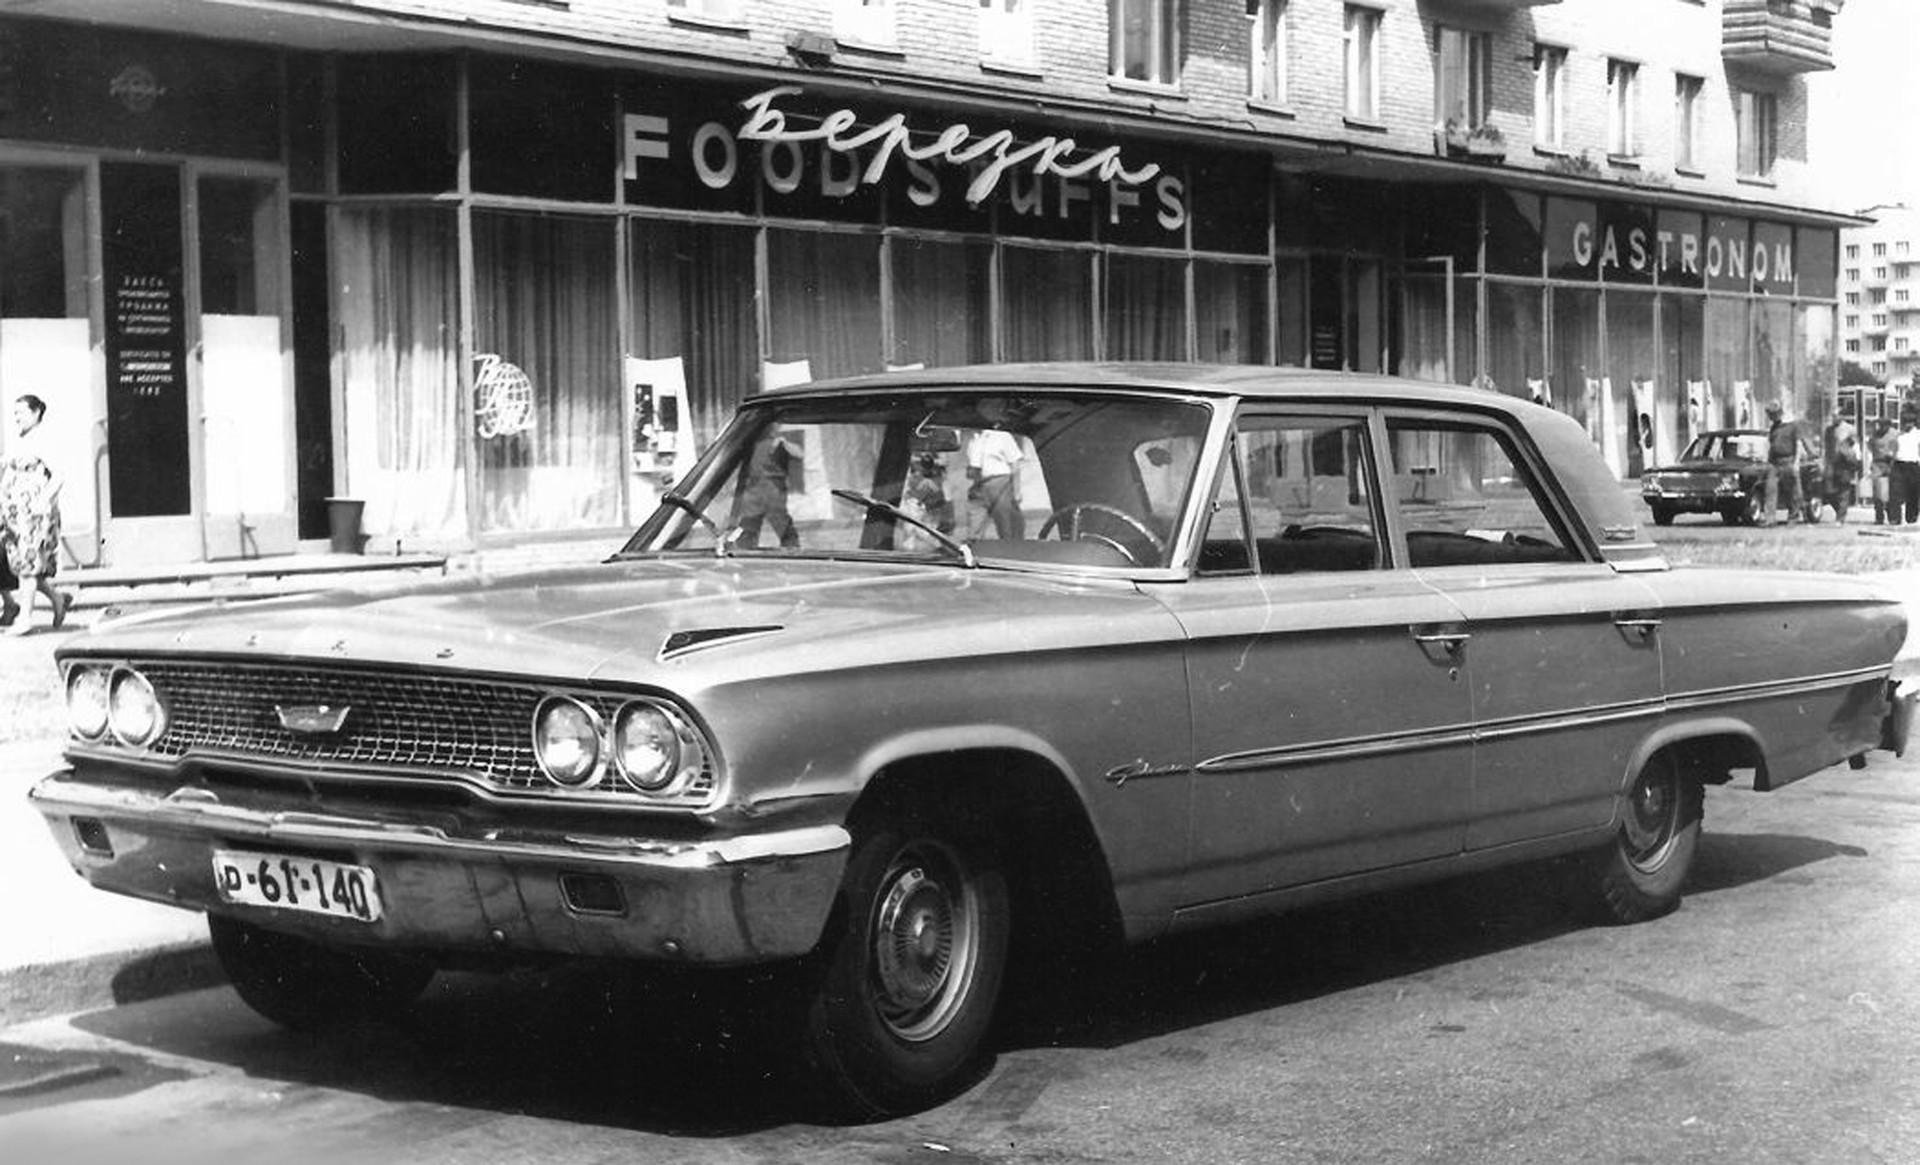 Beryozka shop 1970s